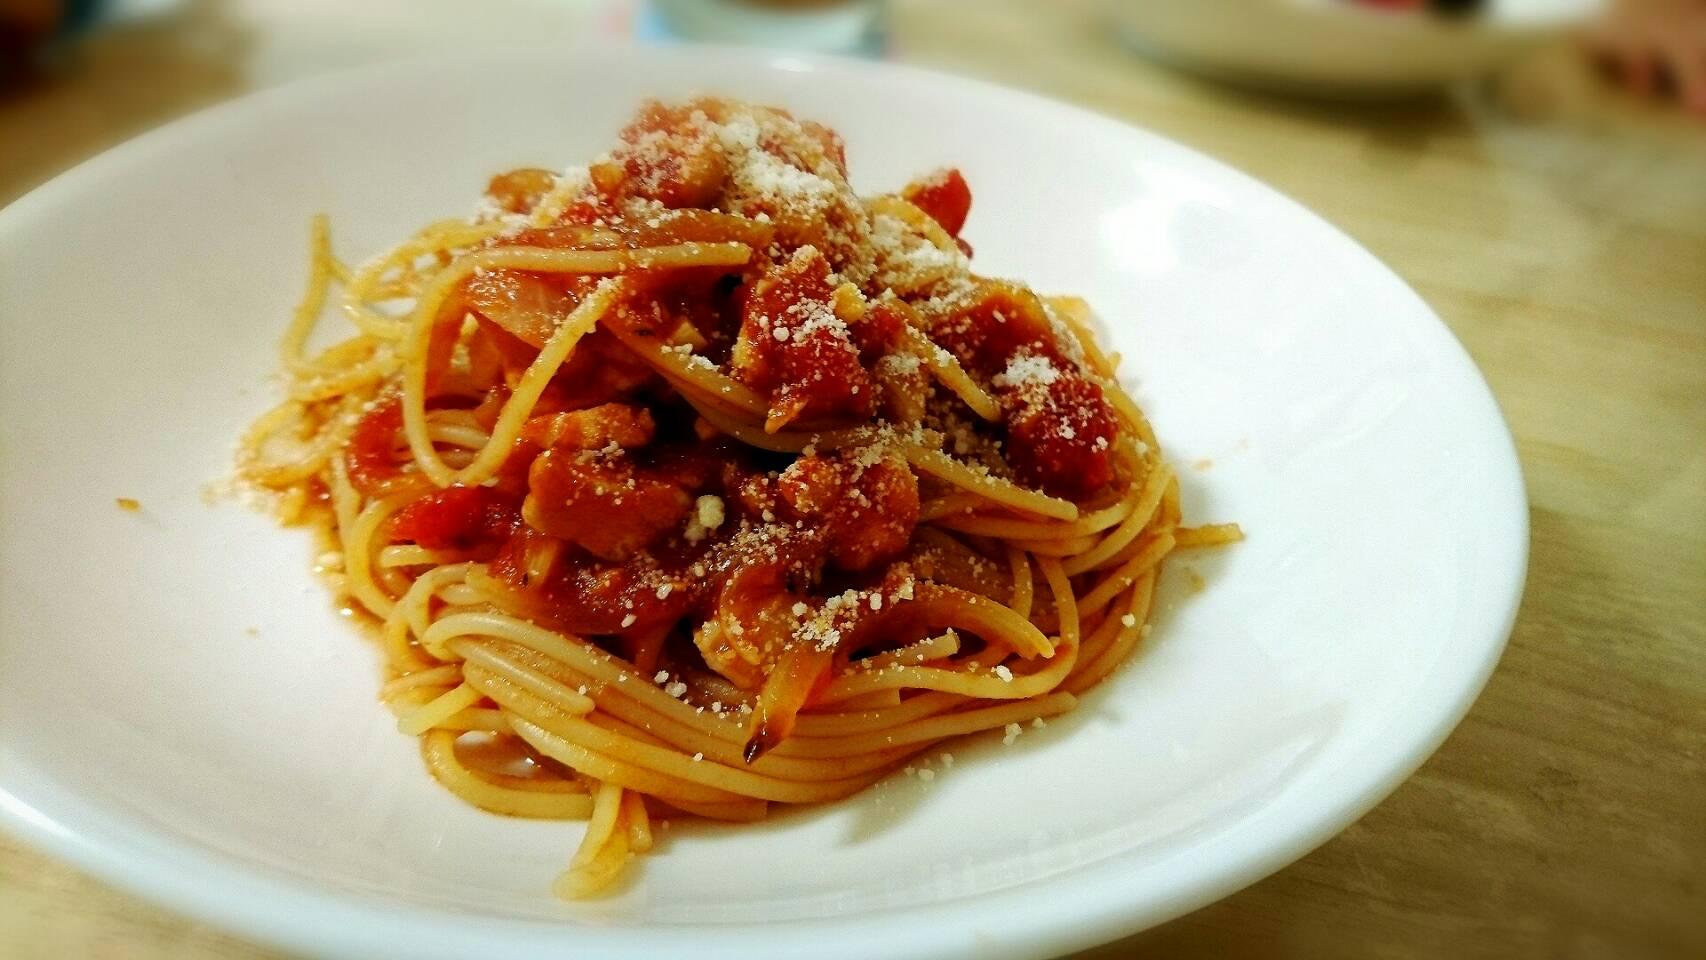 鶏肉のトマトソーススパゲティー